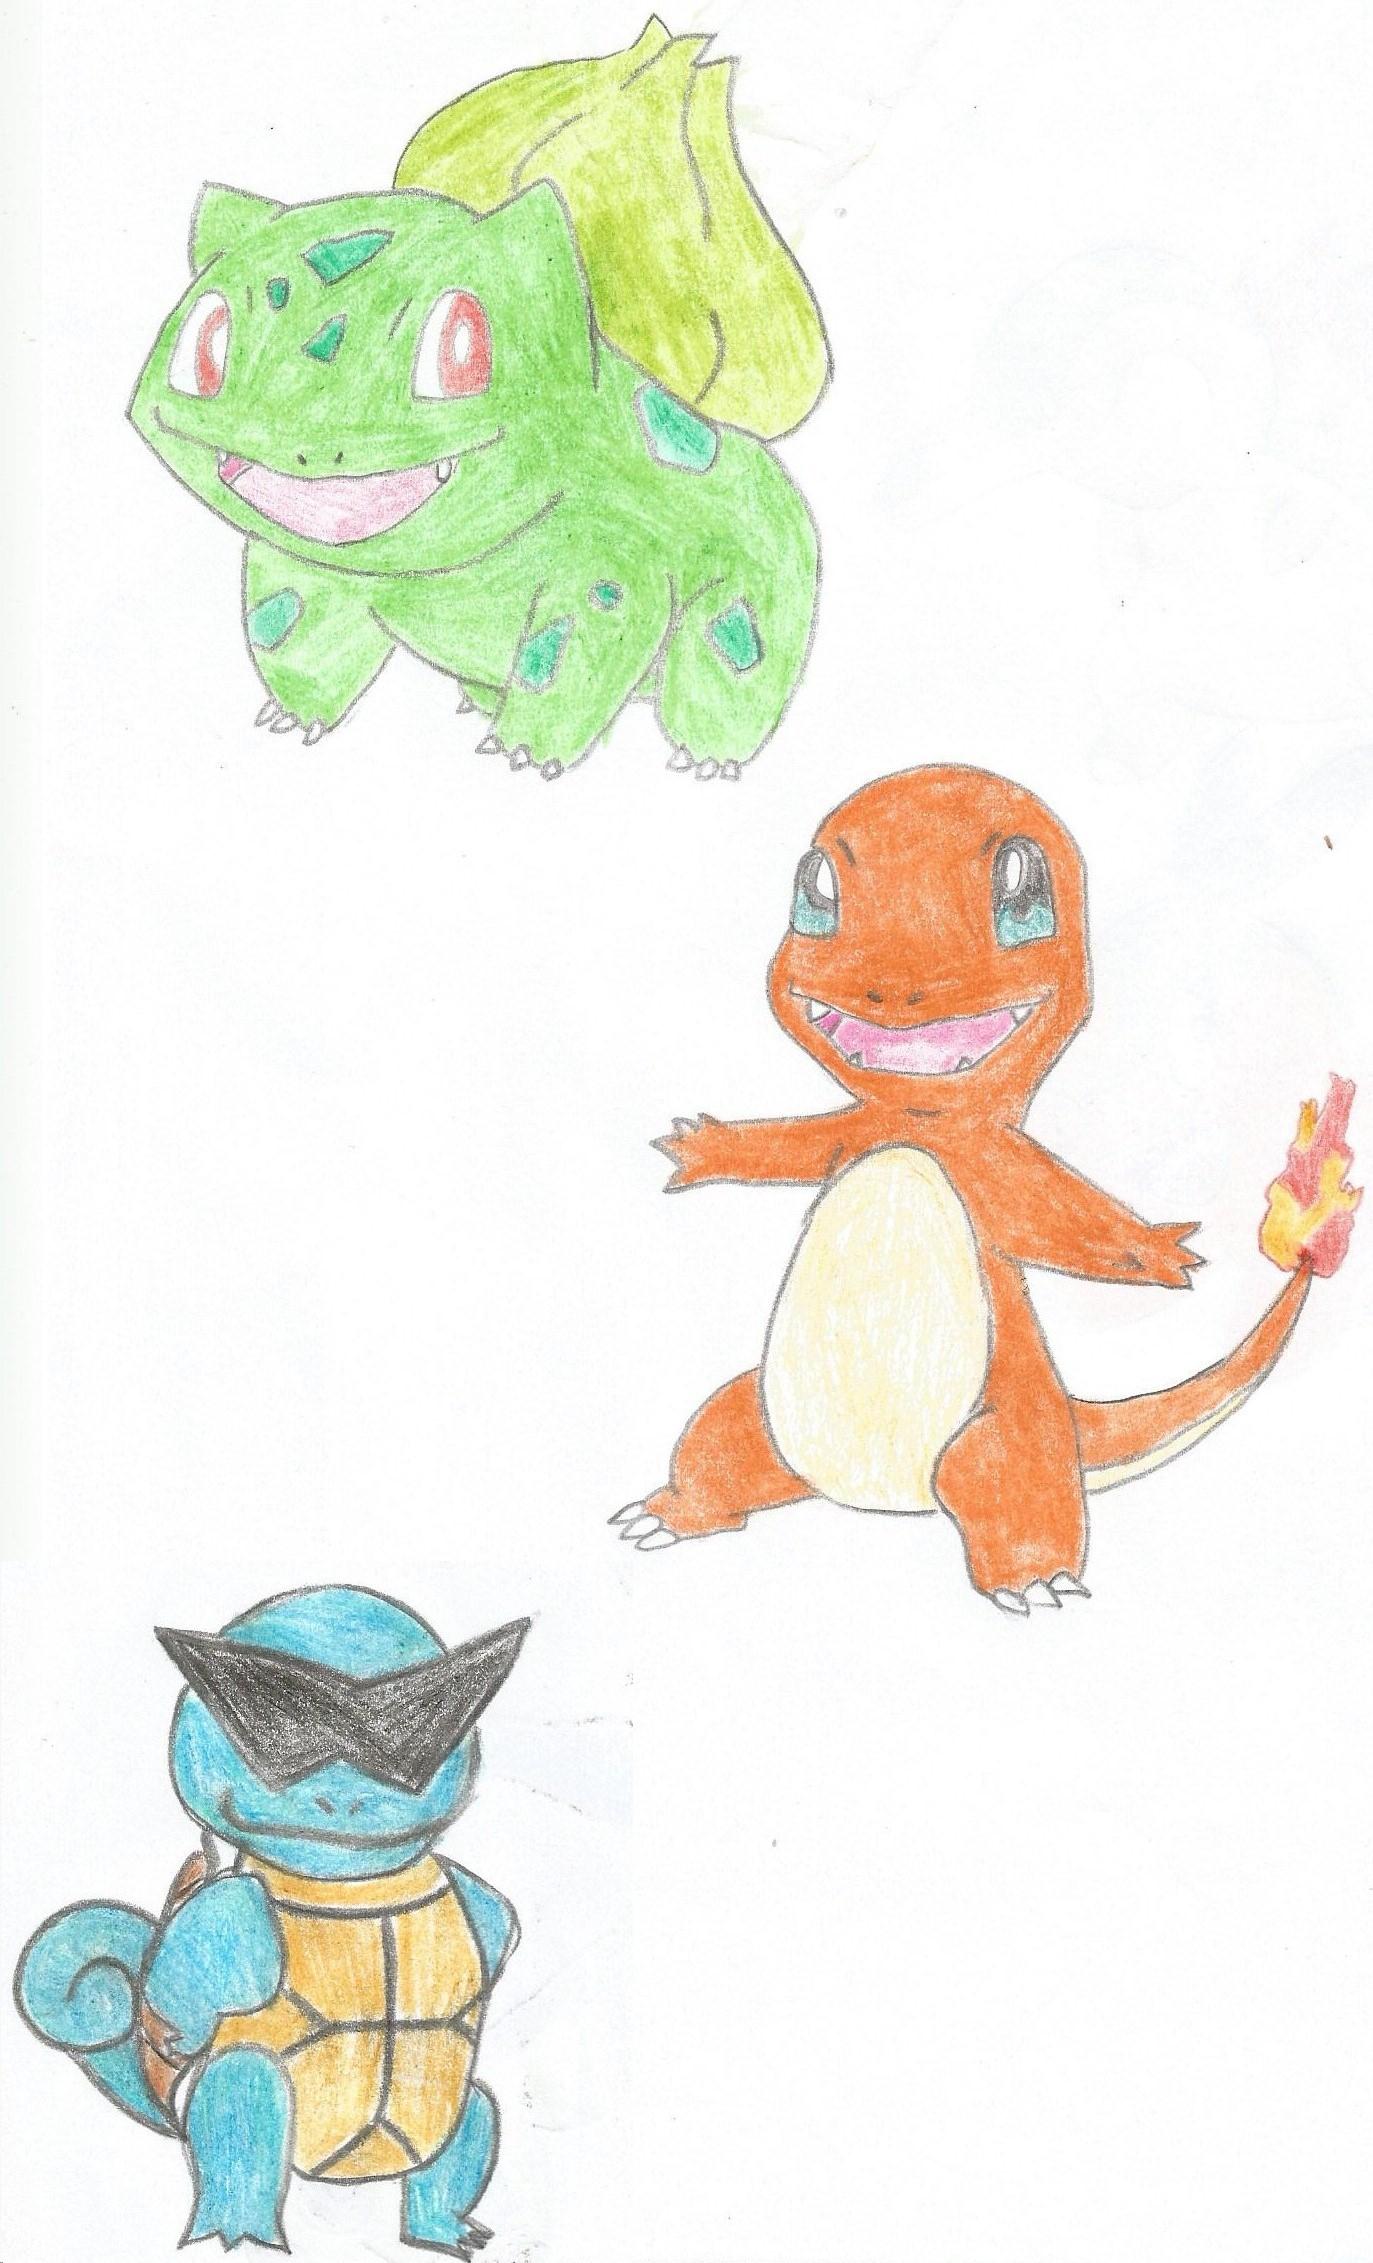 Squirtle, Bulbasaur czy Charmander – wybór startera regionu Kanto